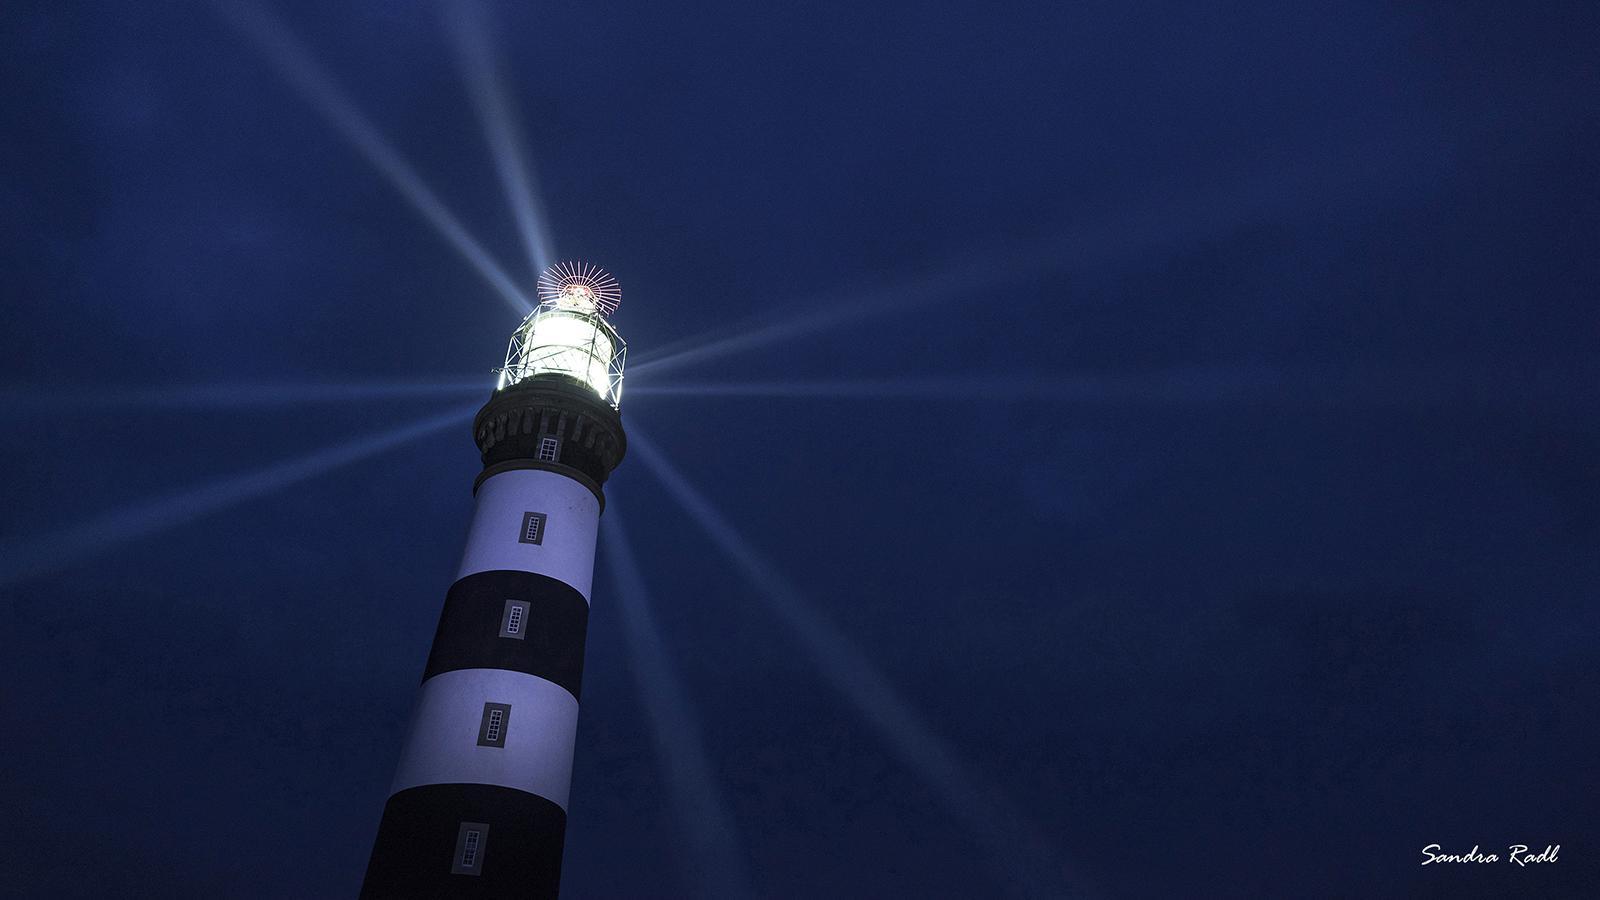 Strahlen in der Nacht, Phare du Créac'h, sein Licht zählt zu den stärksten Europas. Foto: Sandra Radl